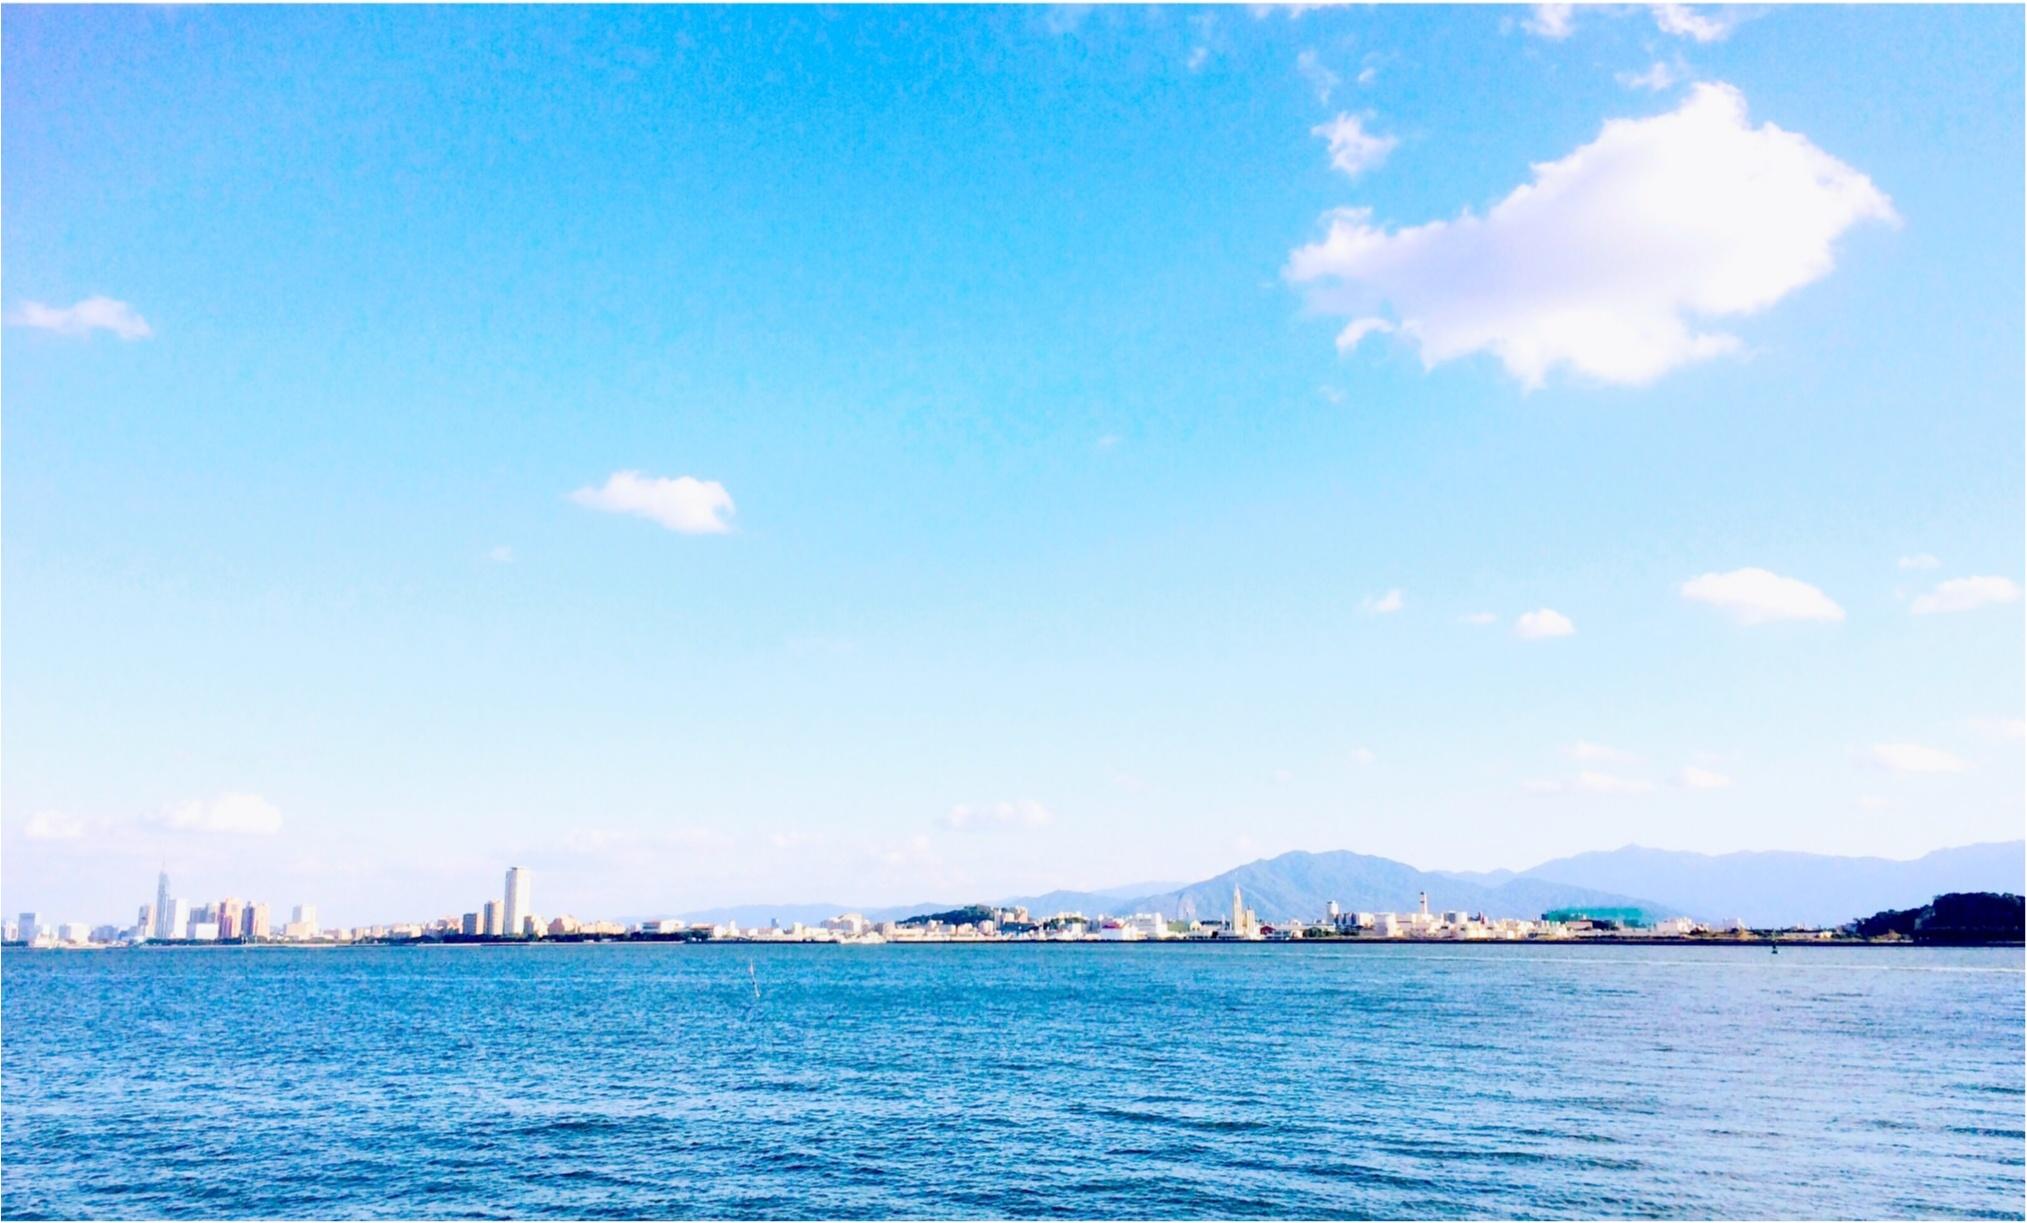 【*日本を知るシリーズ*】〜福岡編〜都心からすぐ!のどかな離島での癒しな旅♪_10